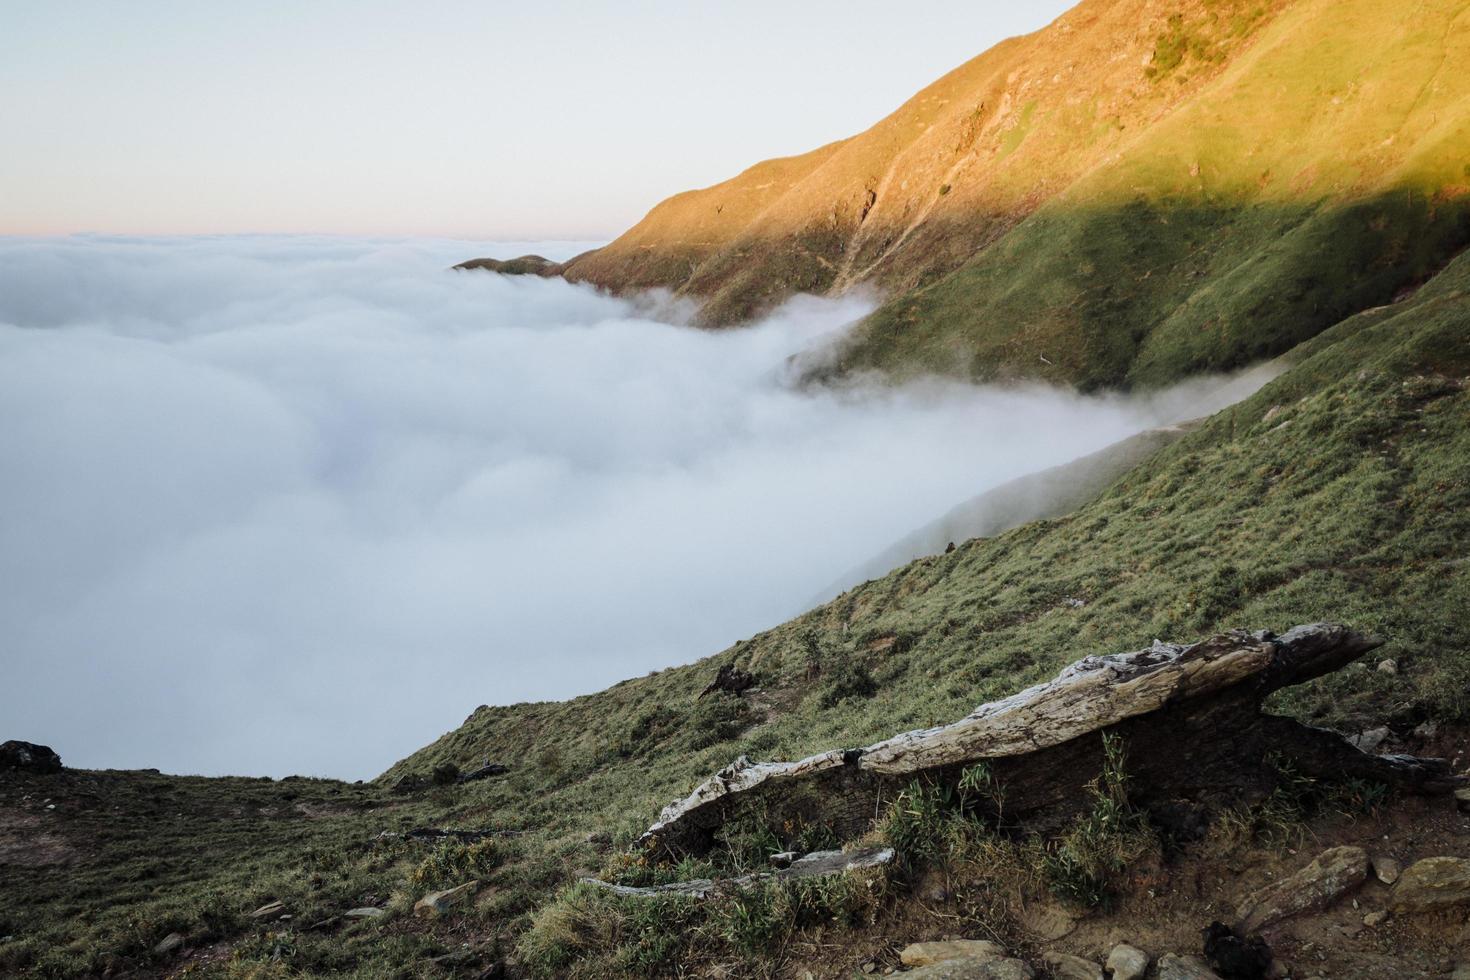 View of foggy mountain photo